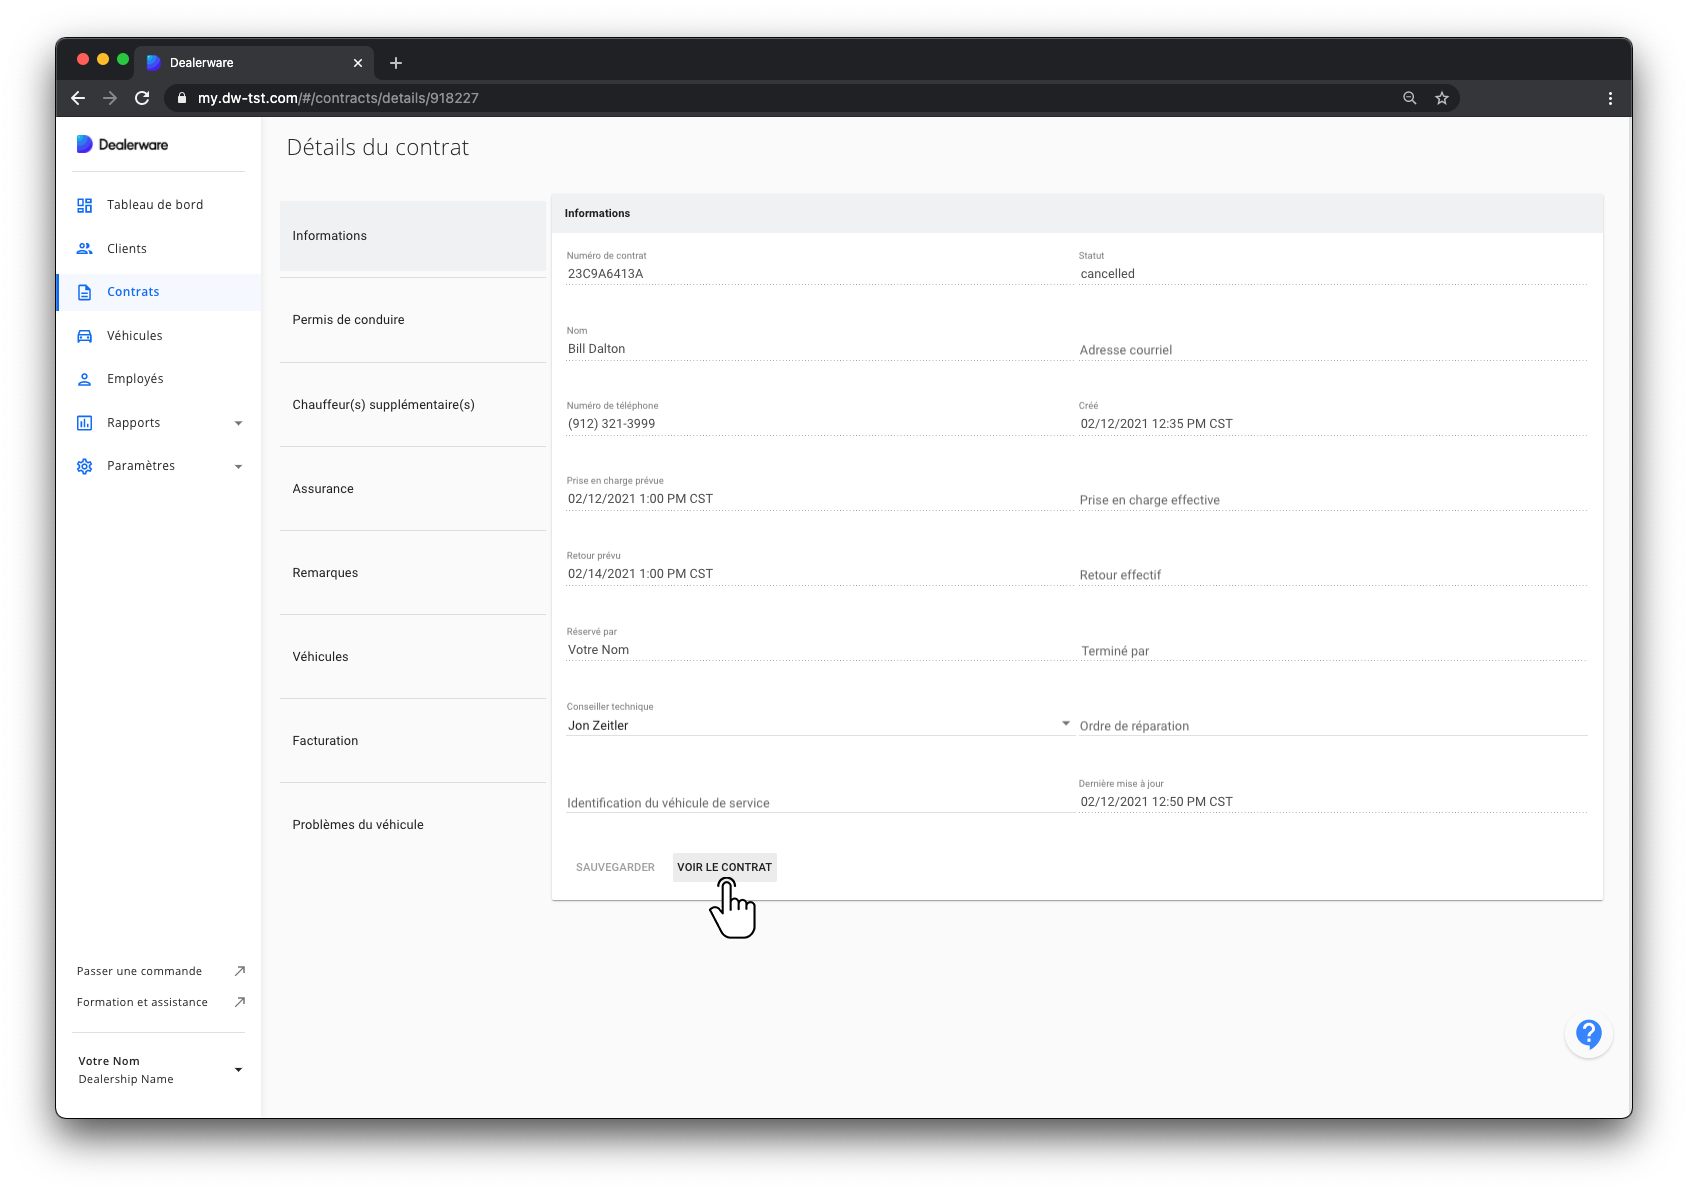 Image: Écran Informations du contrat et menu principal de Dealerware, sous-section Informations, icône du doigt positionnée au-dessus du bouton Voir l'Accord client